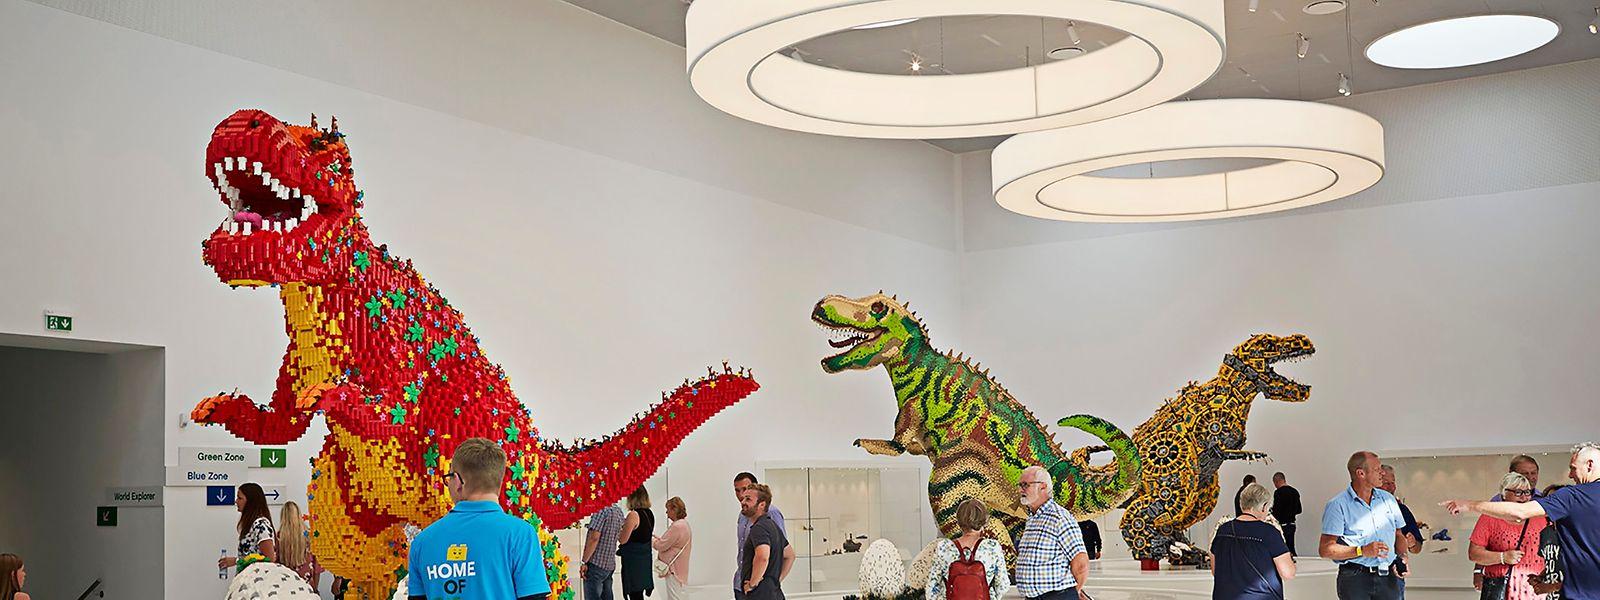 Drei riesige Dinosaurier, aus 50.000, 250.000 und 300.000 Steinen konstruiert, warten im Lego House auf Besucher.